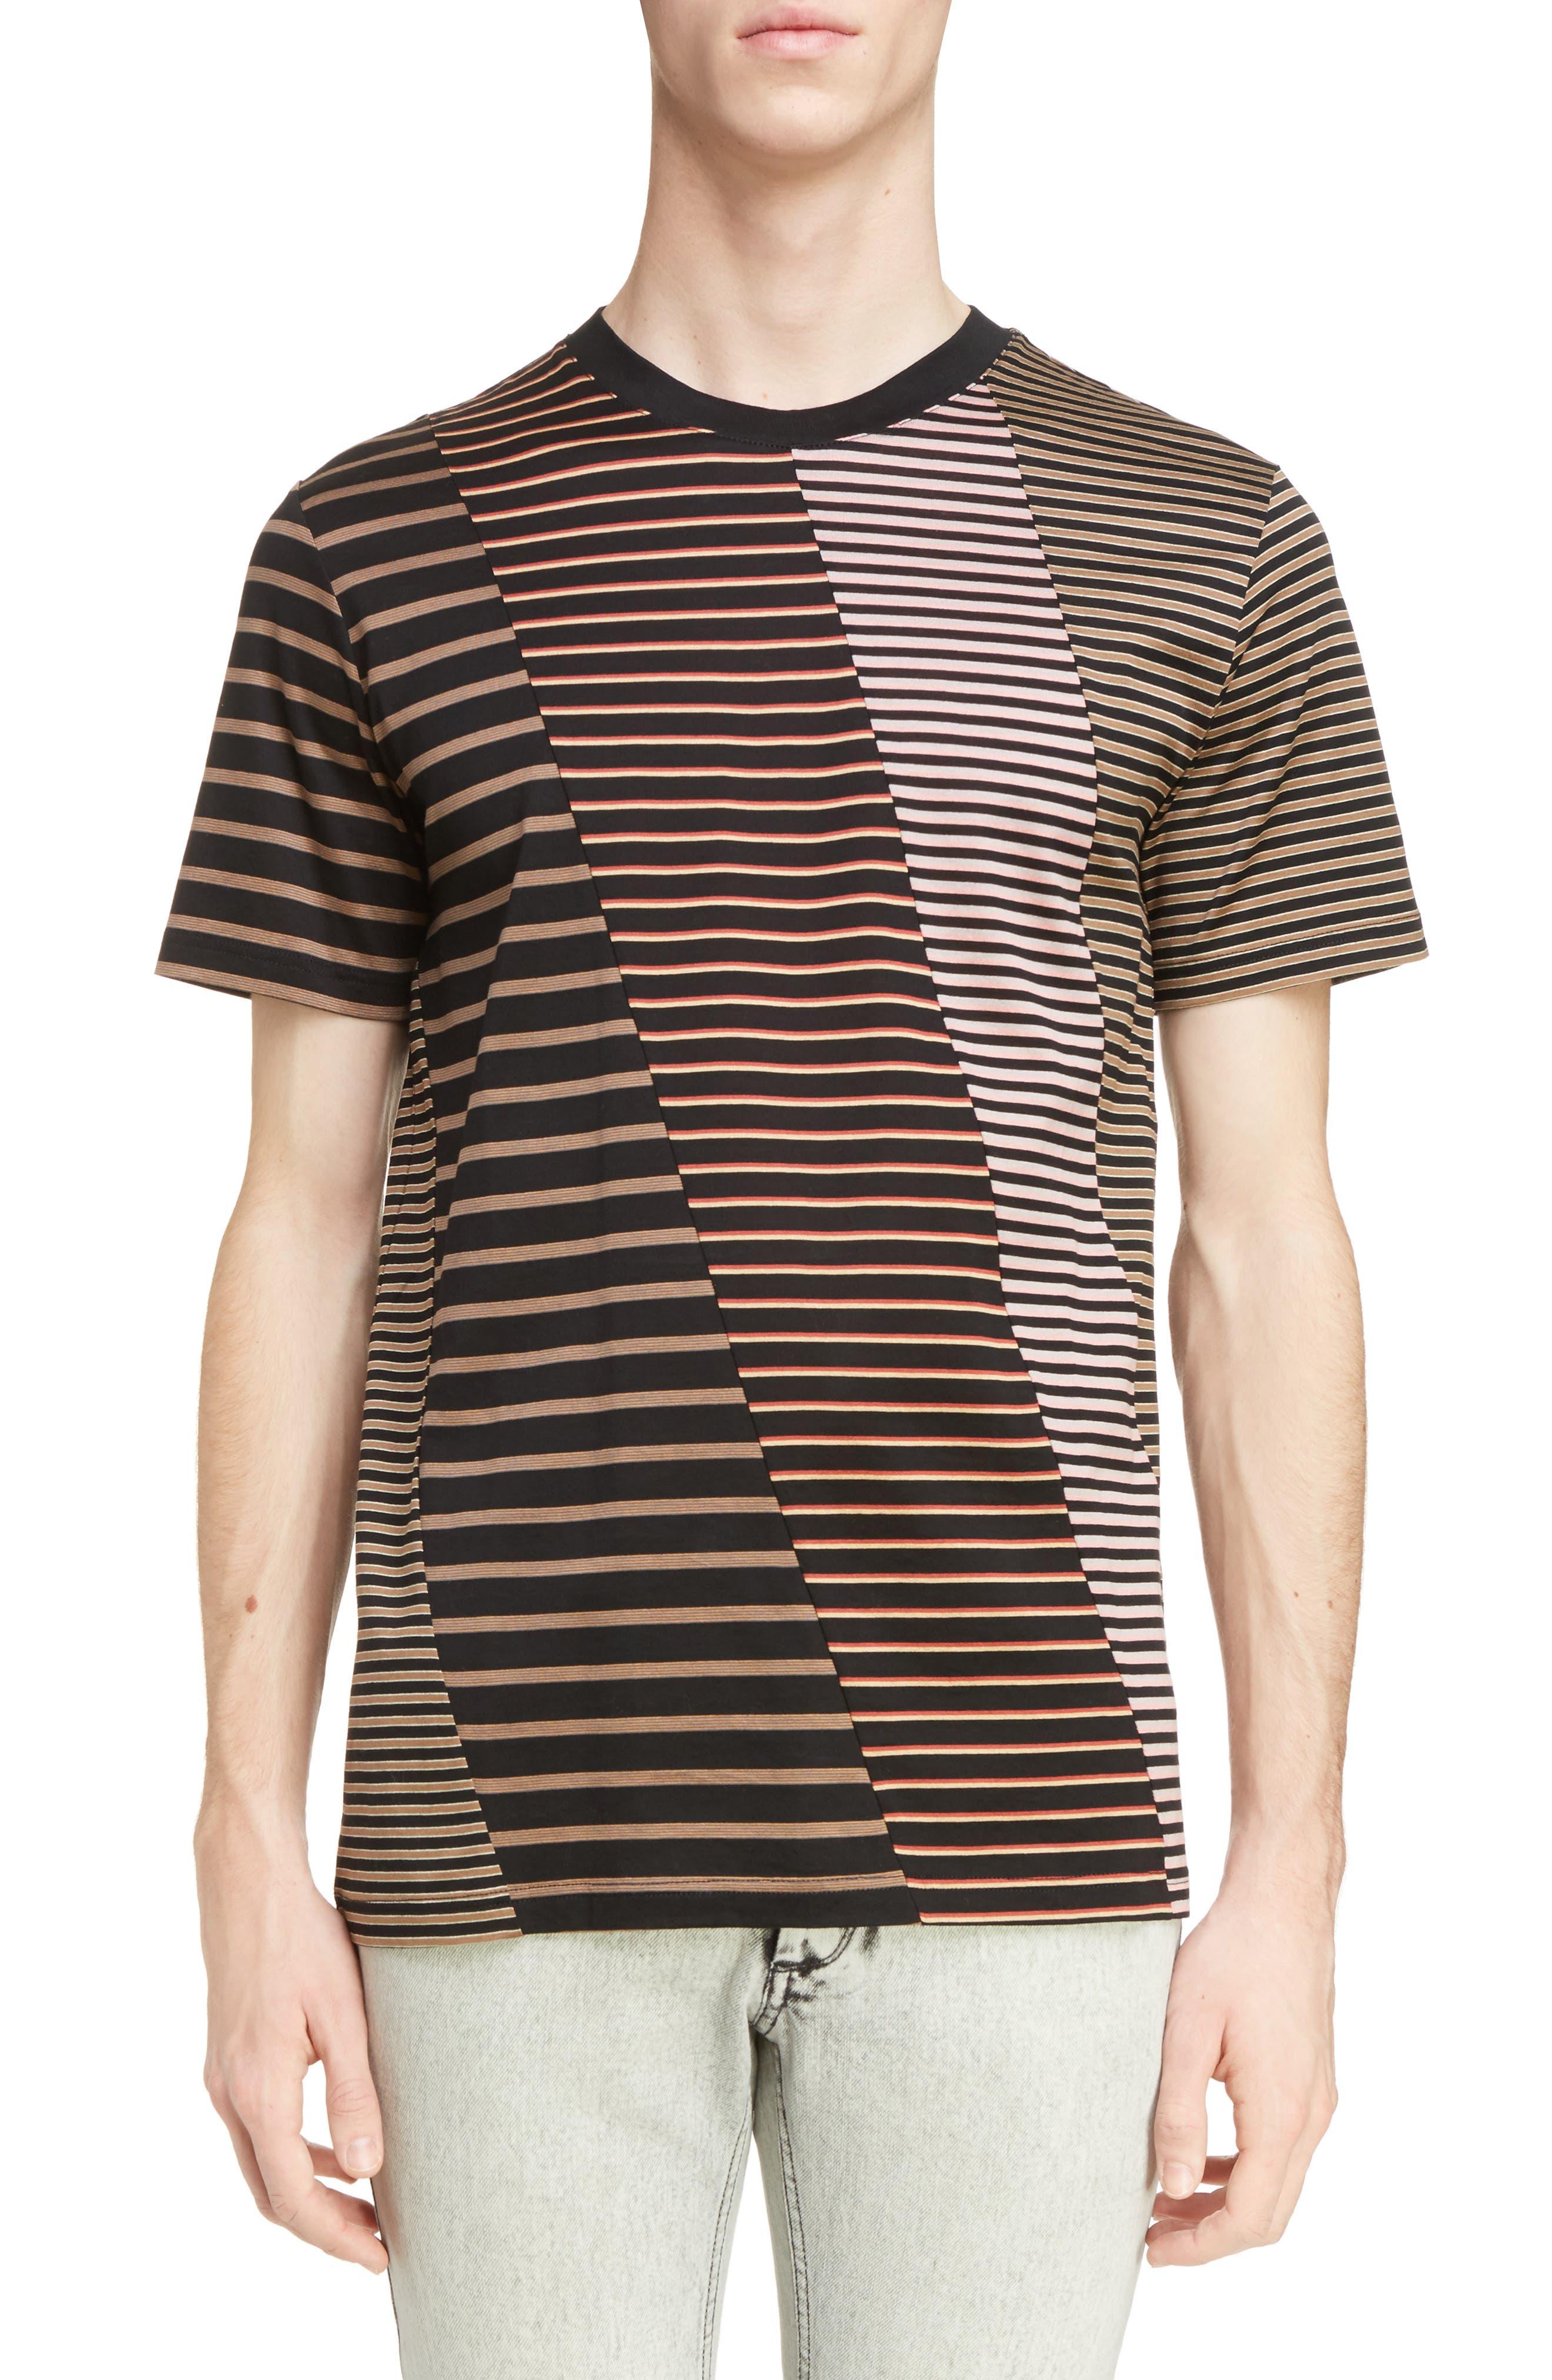 Lanvin Multistripe Patchwork T-Shirt